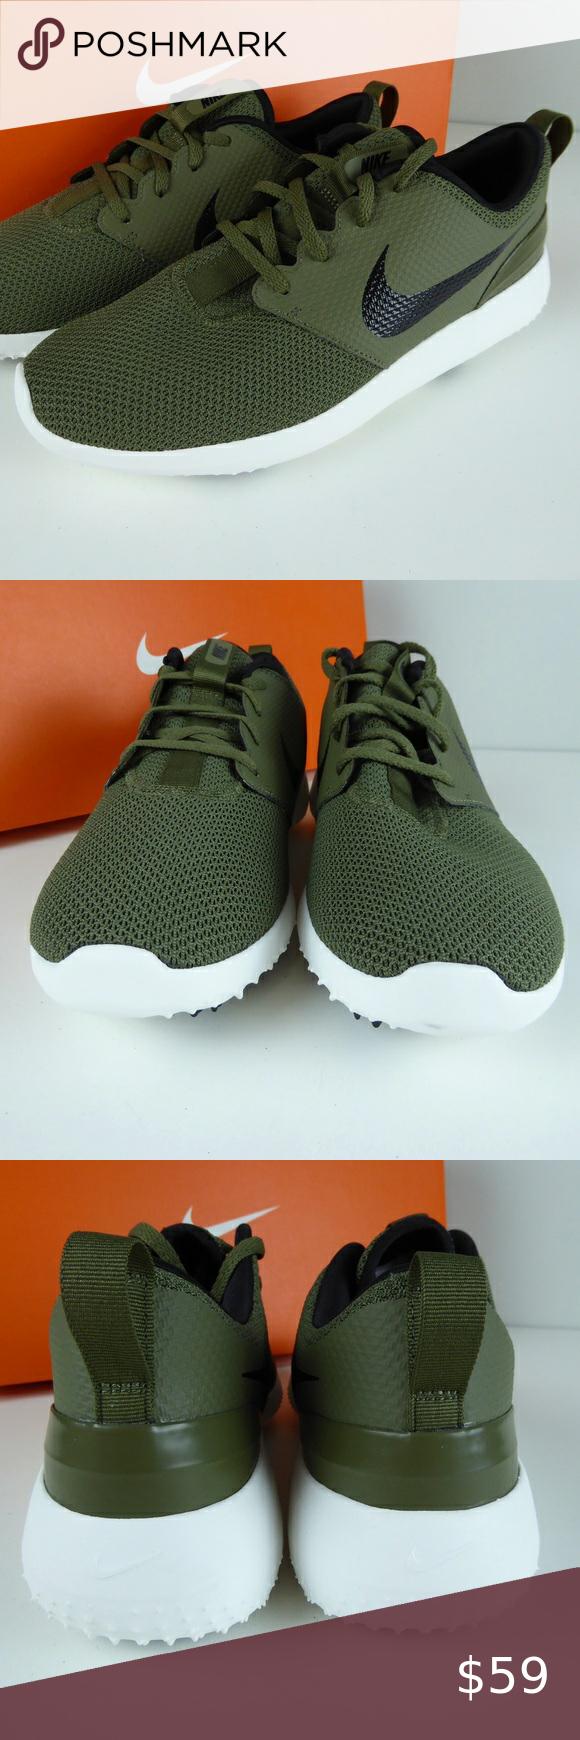 Nike Roshe G Golf Shoe Cleats NIB Olive